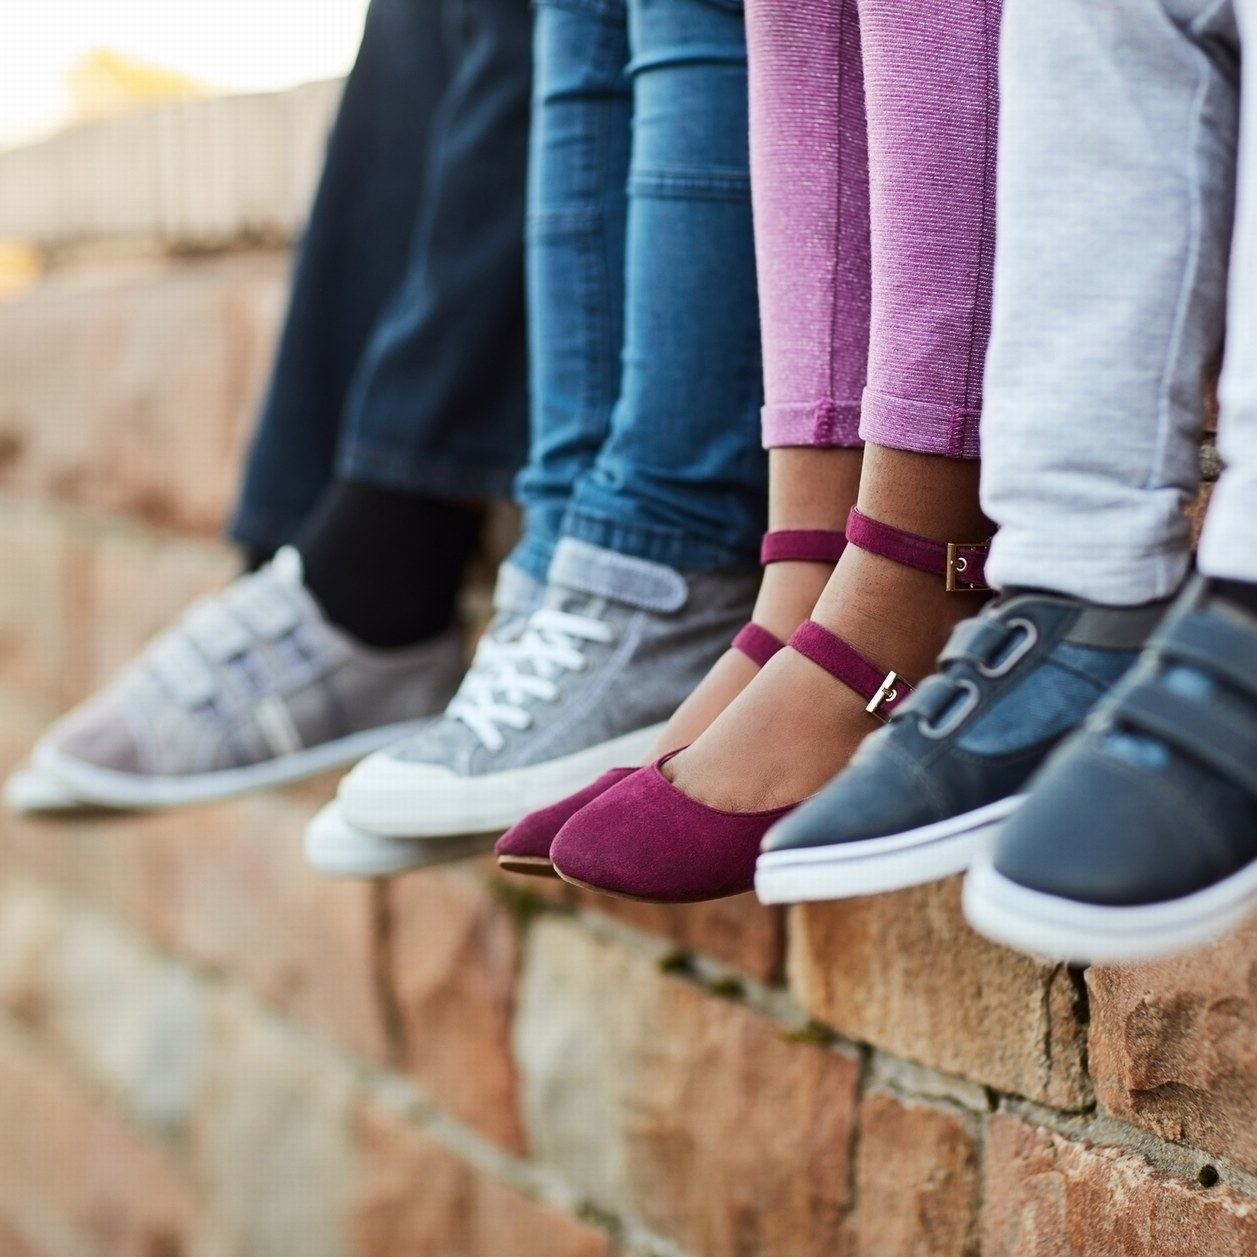 32ec222bfa5 ¿Cómo elegir el calzado adecuado para niños